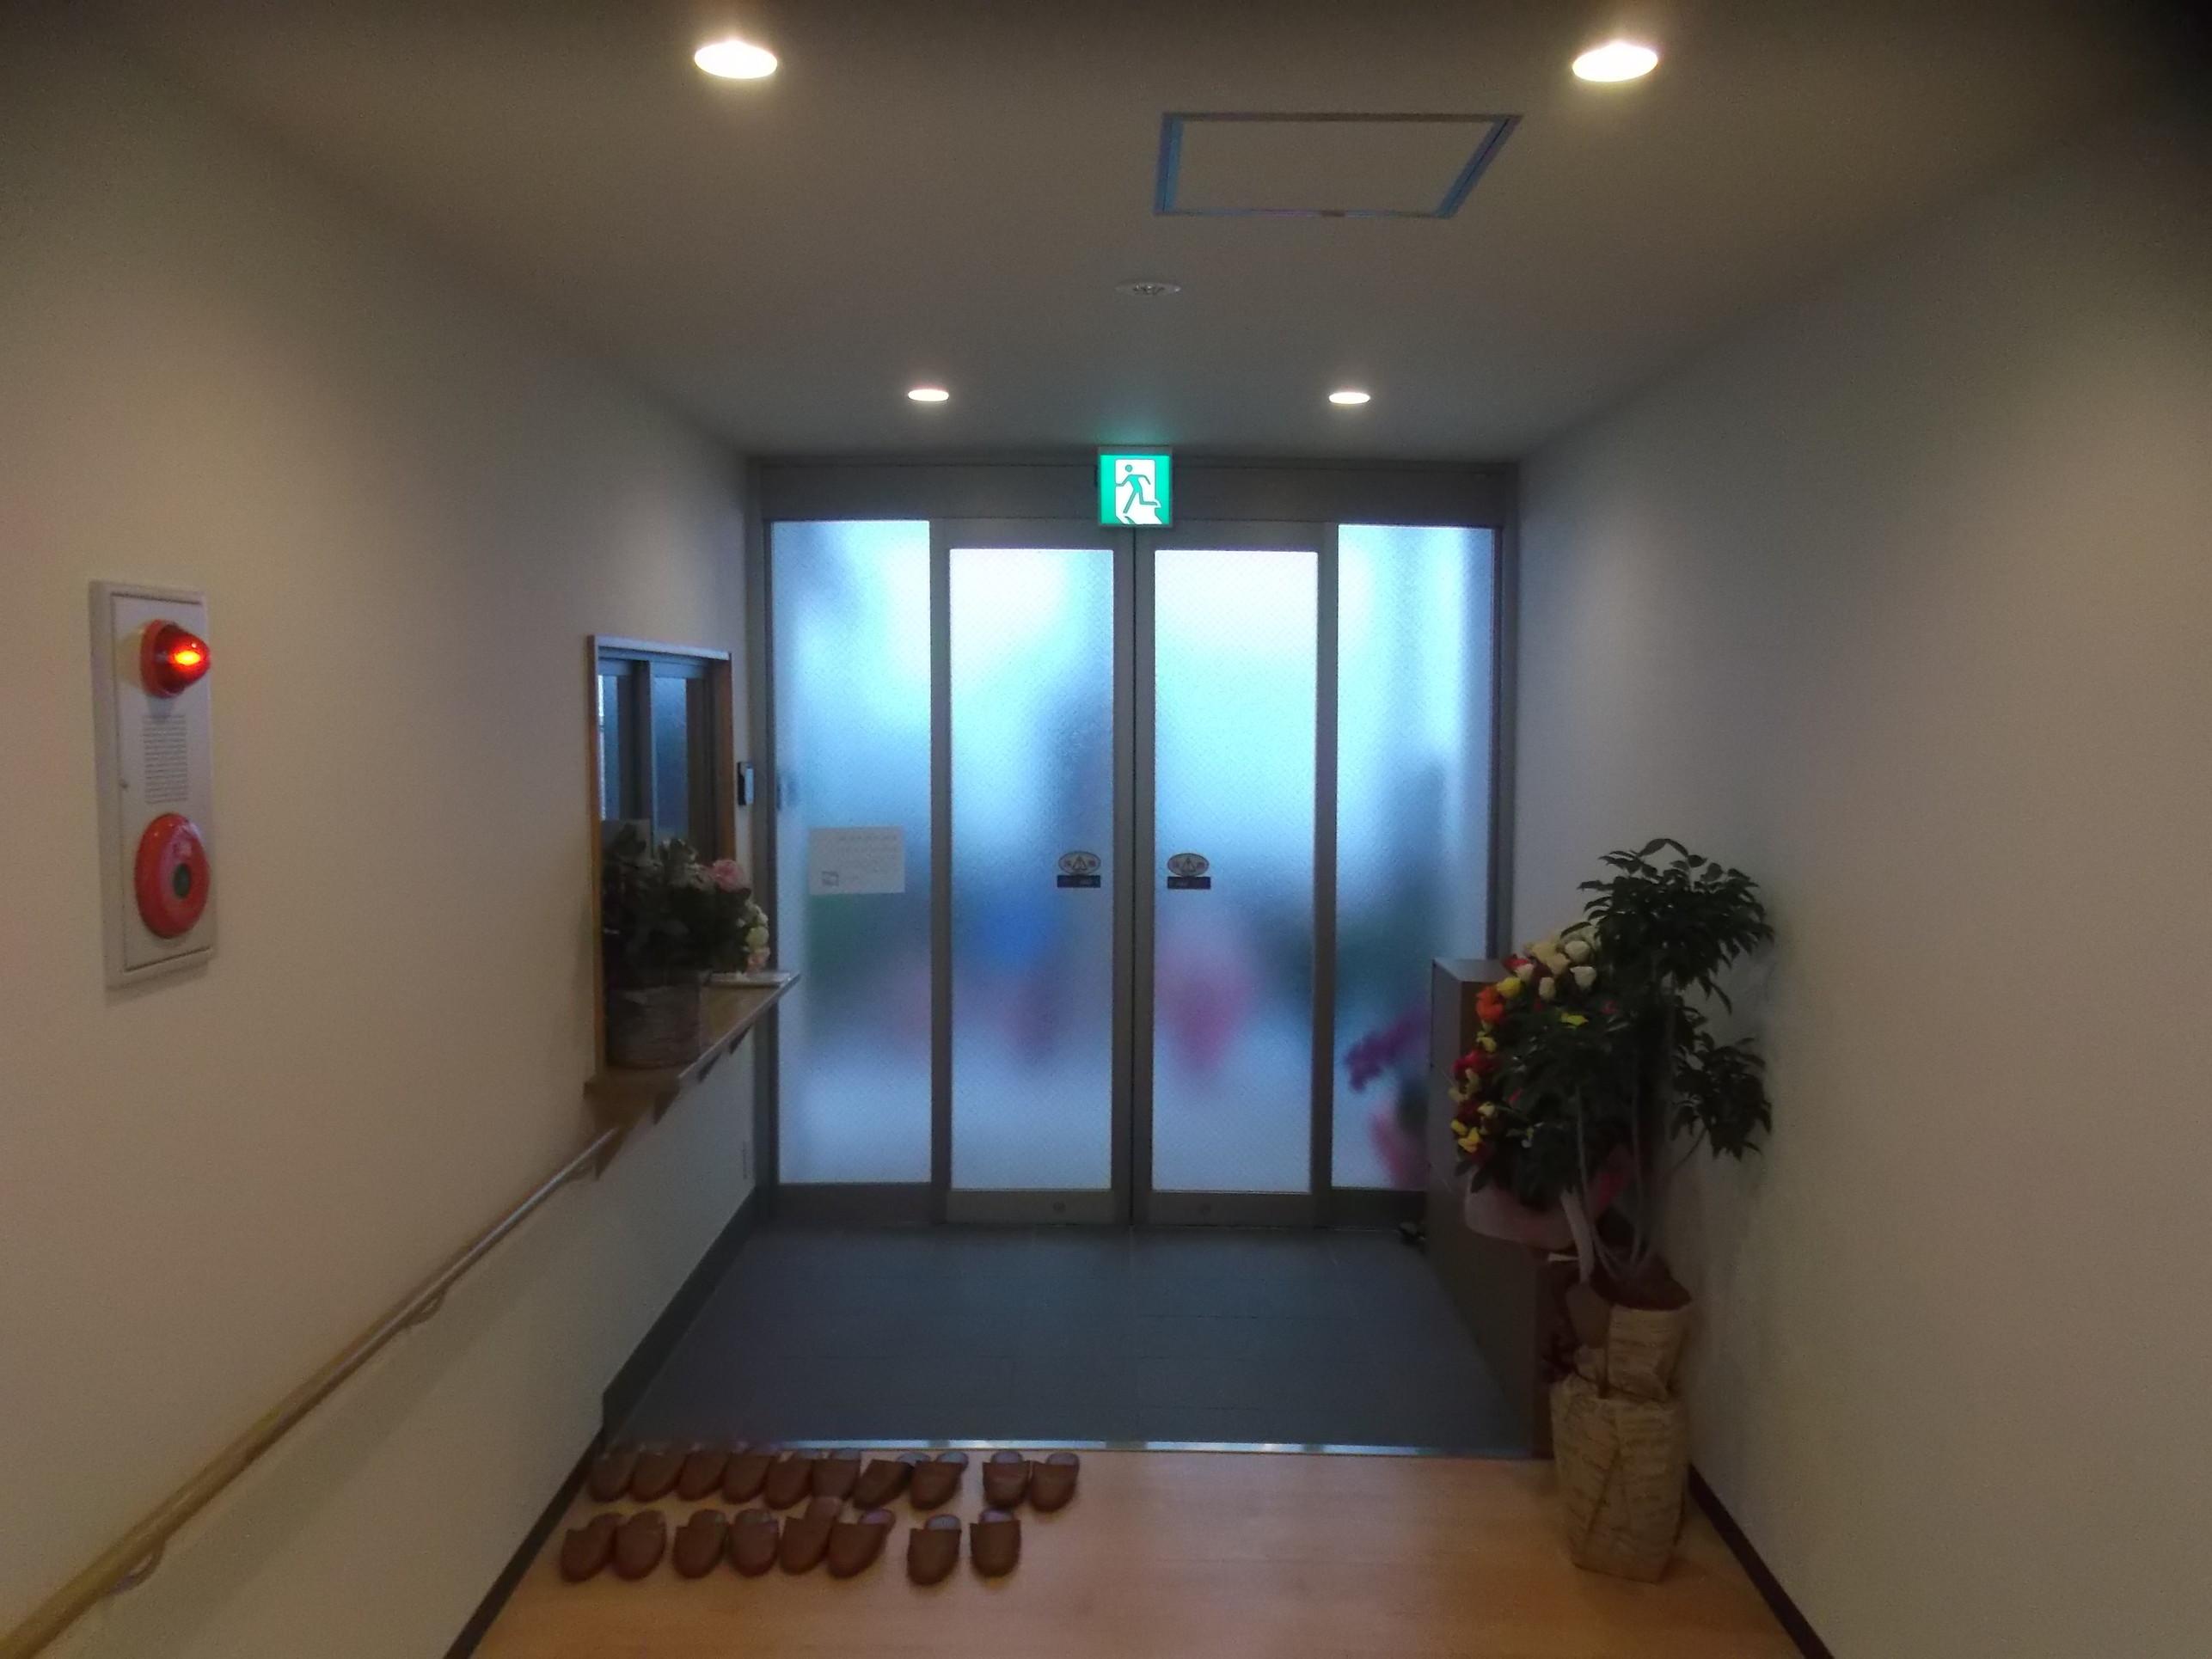 尼崎市内 高齢者向け建物新築工事イメージ08